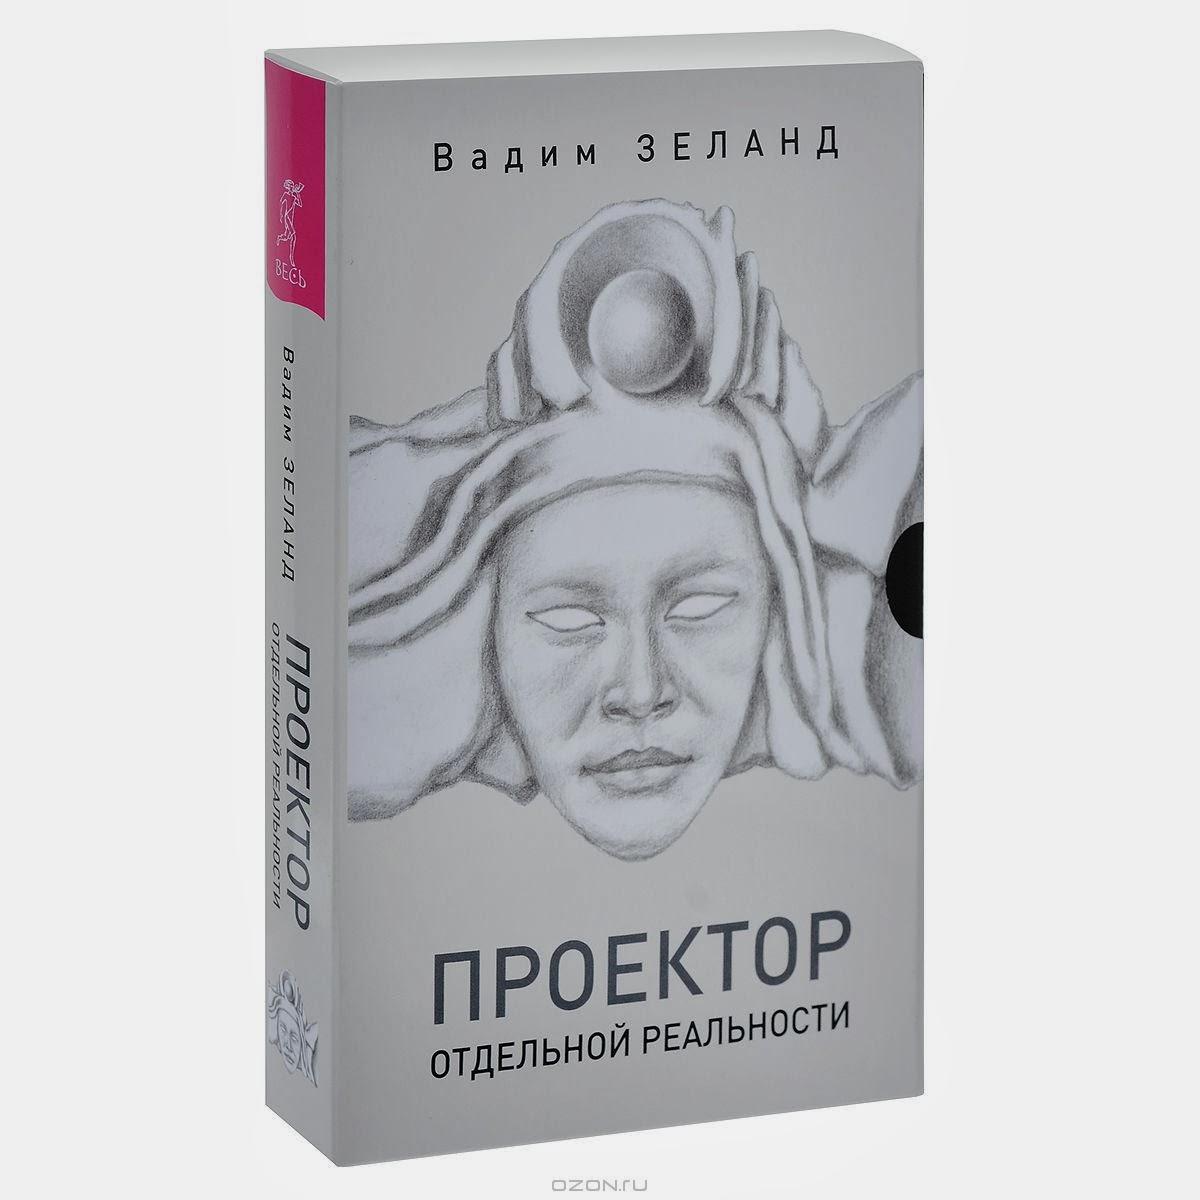 Проектор отдельной реальности скачать бесплатно книгу